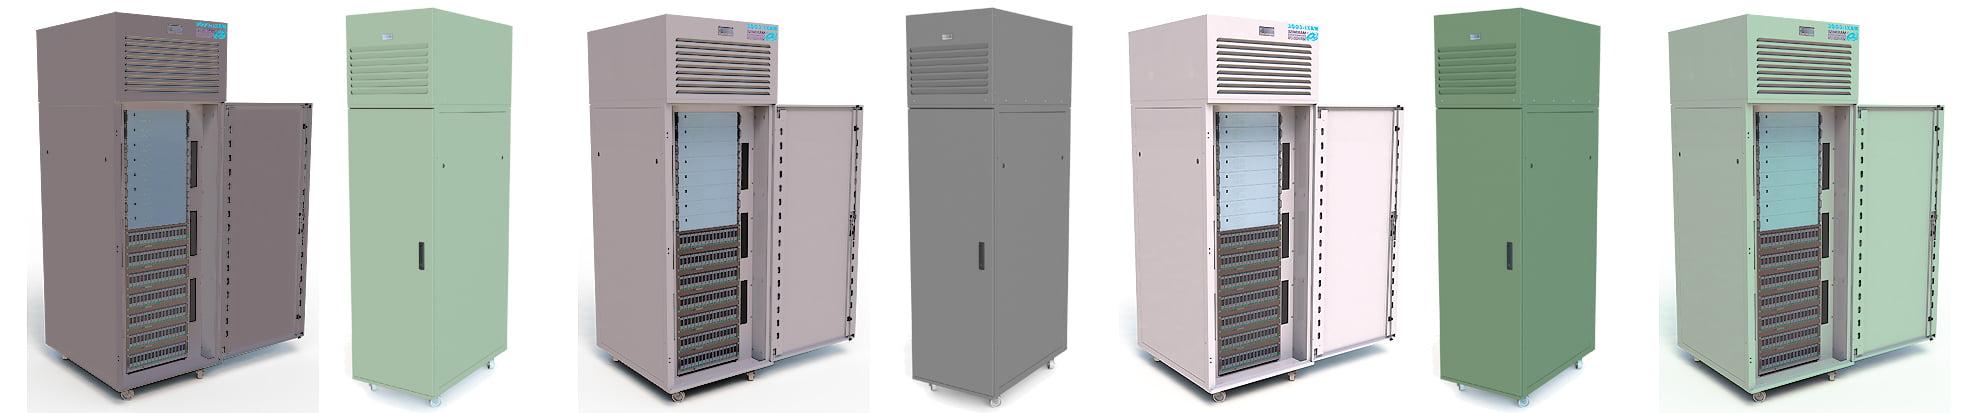 Server rack cooling cabinets